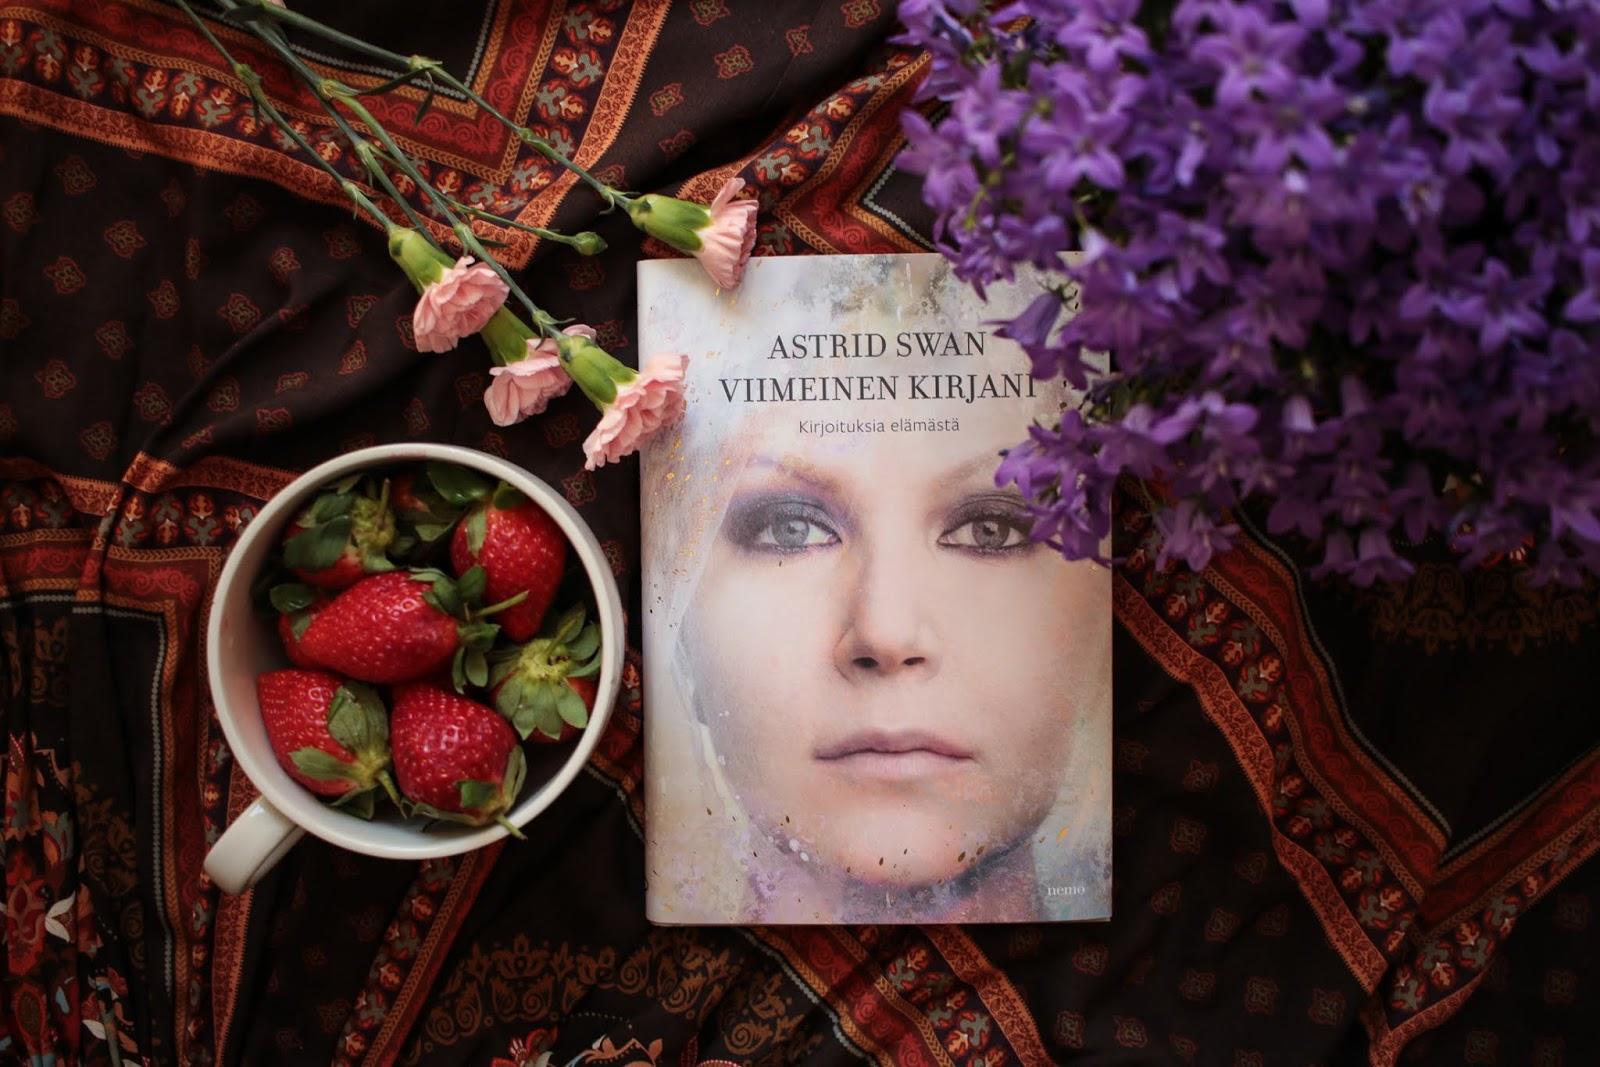 Astrid Swan: Viimeinen kirjani – Kirjoituksia elämästä